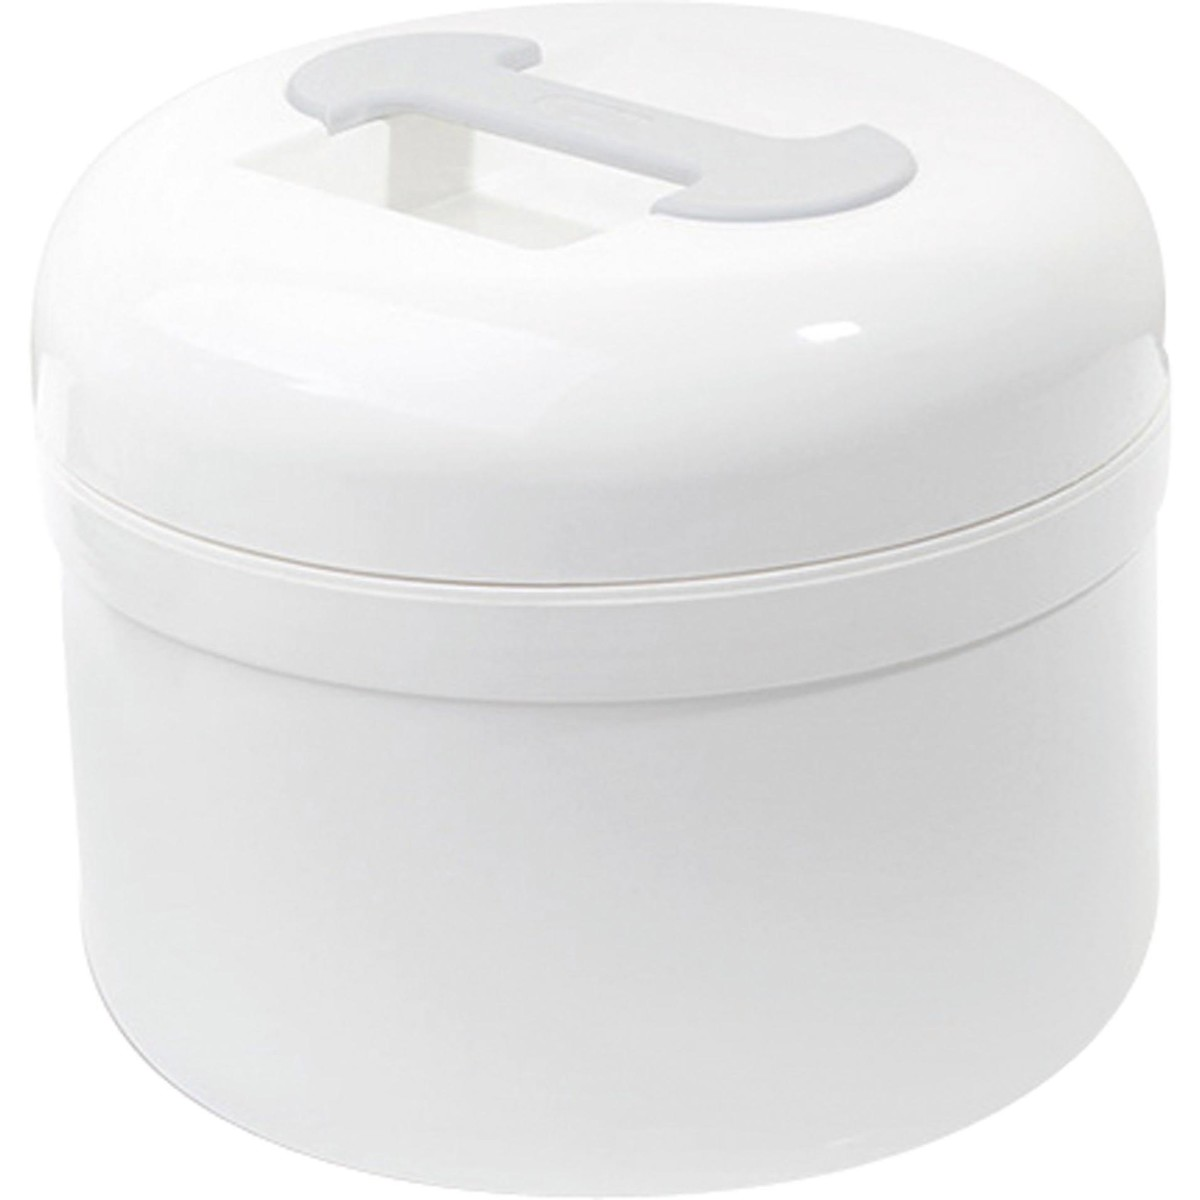 Eisbehälter weiß